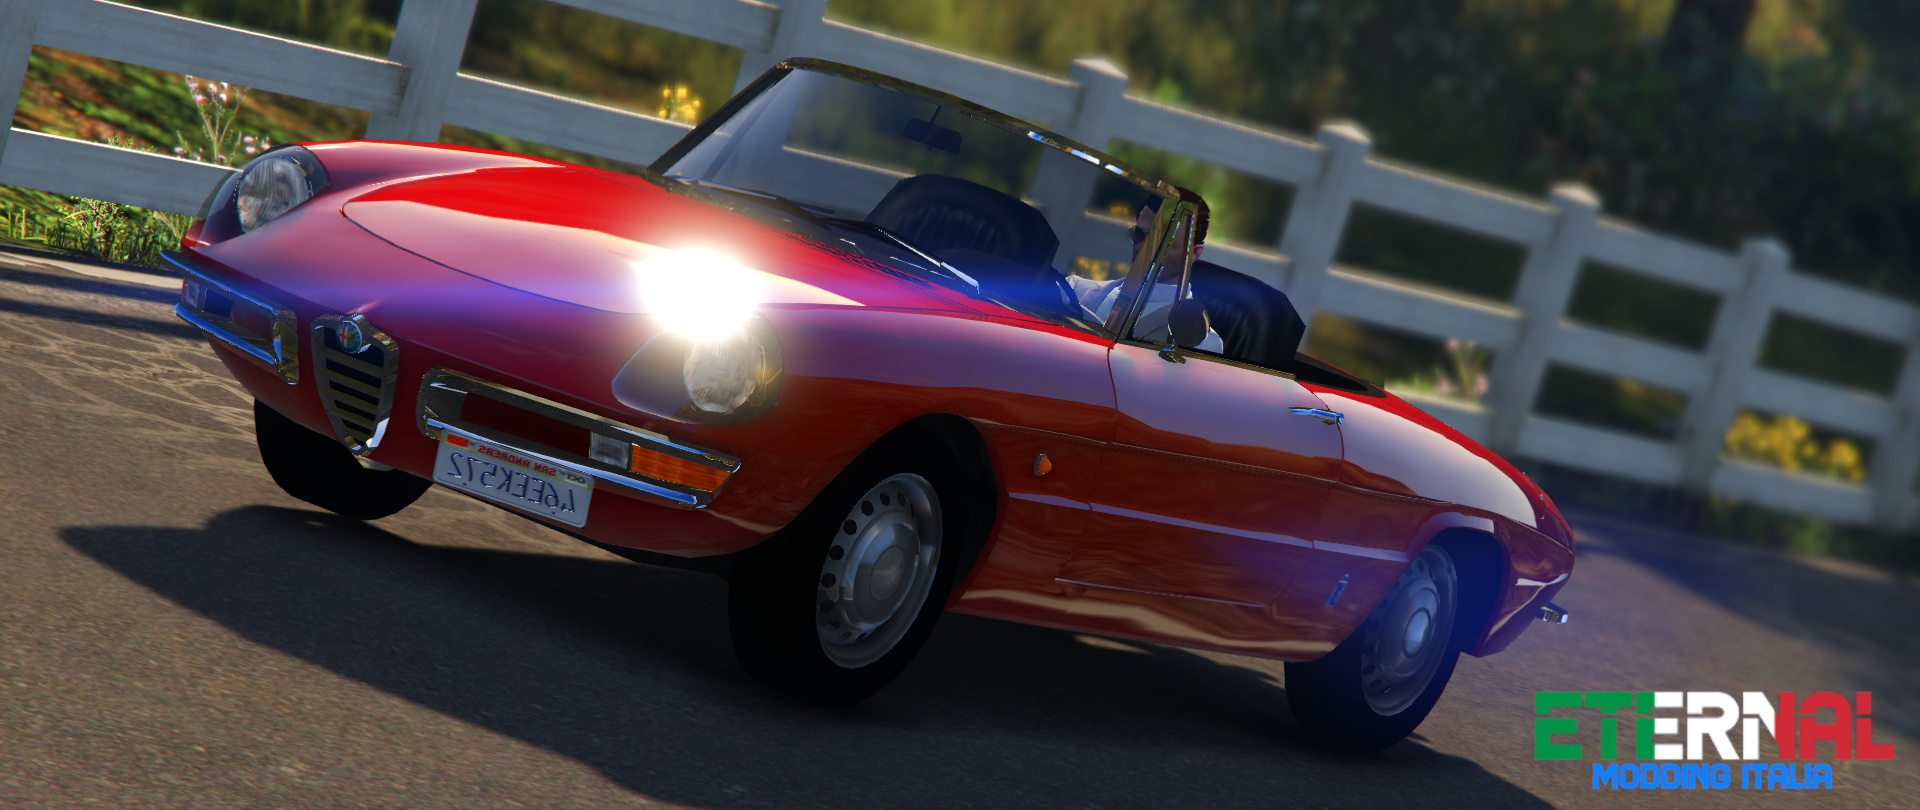 Alfa Romeo Duetto 1966 [Add-On / Replace] 3.0